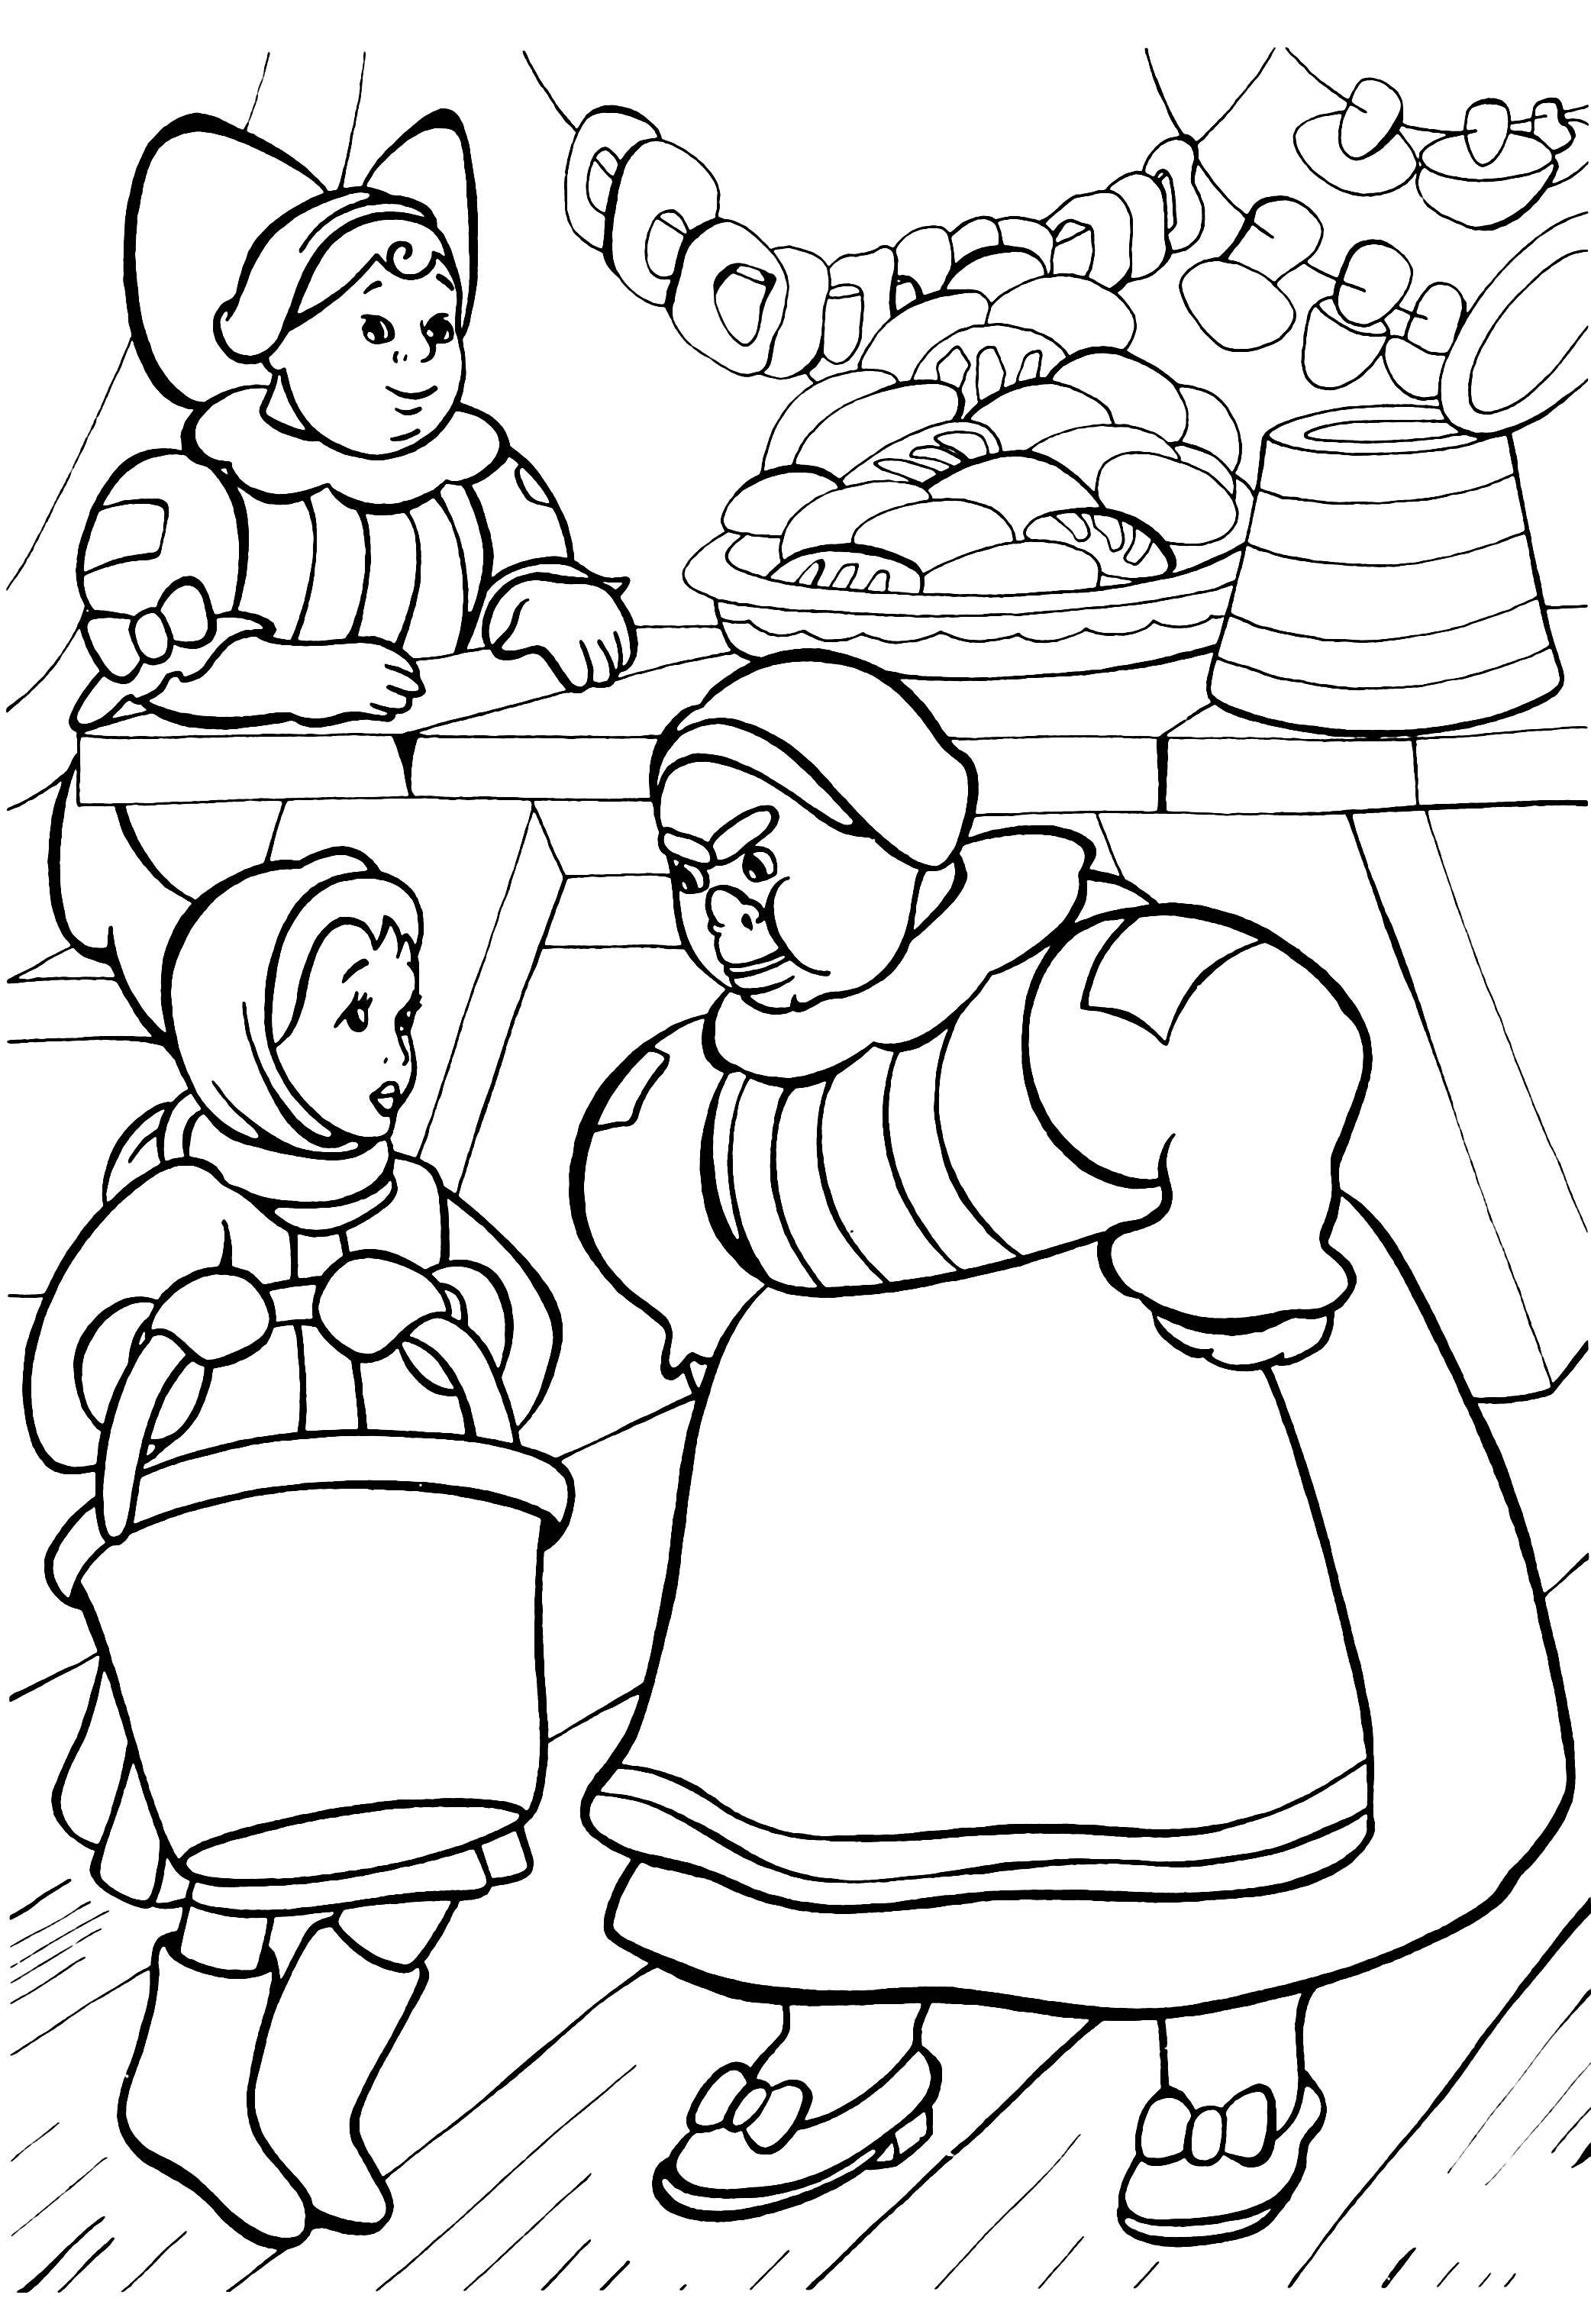 раскраска сказка 12 месяцев детские раскраски распечатать